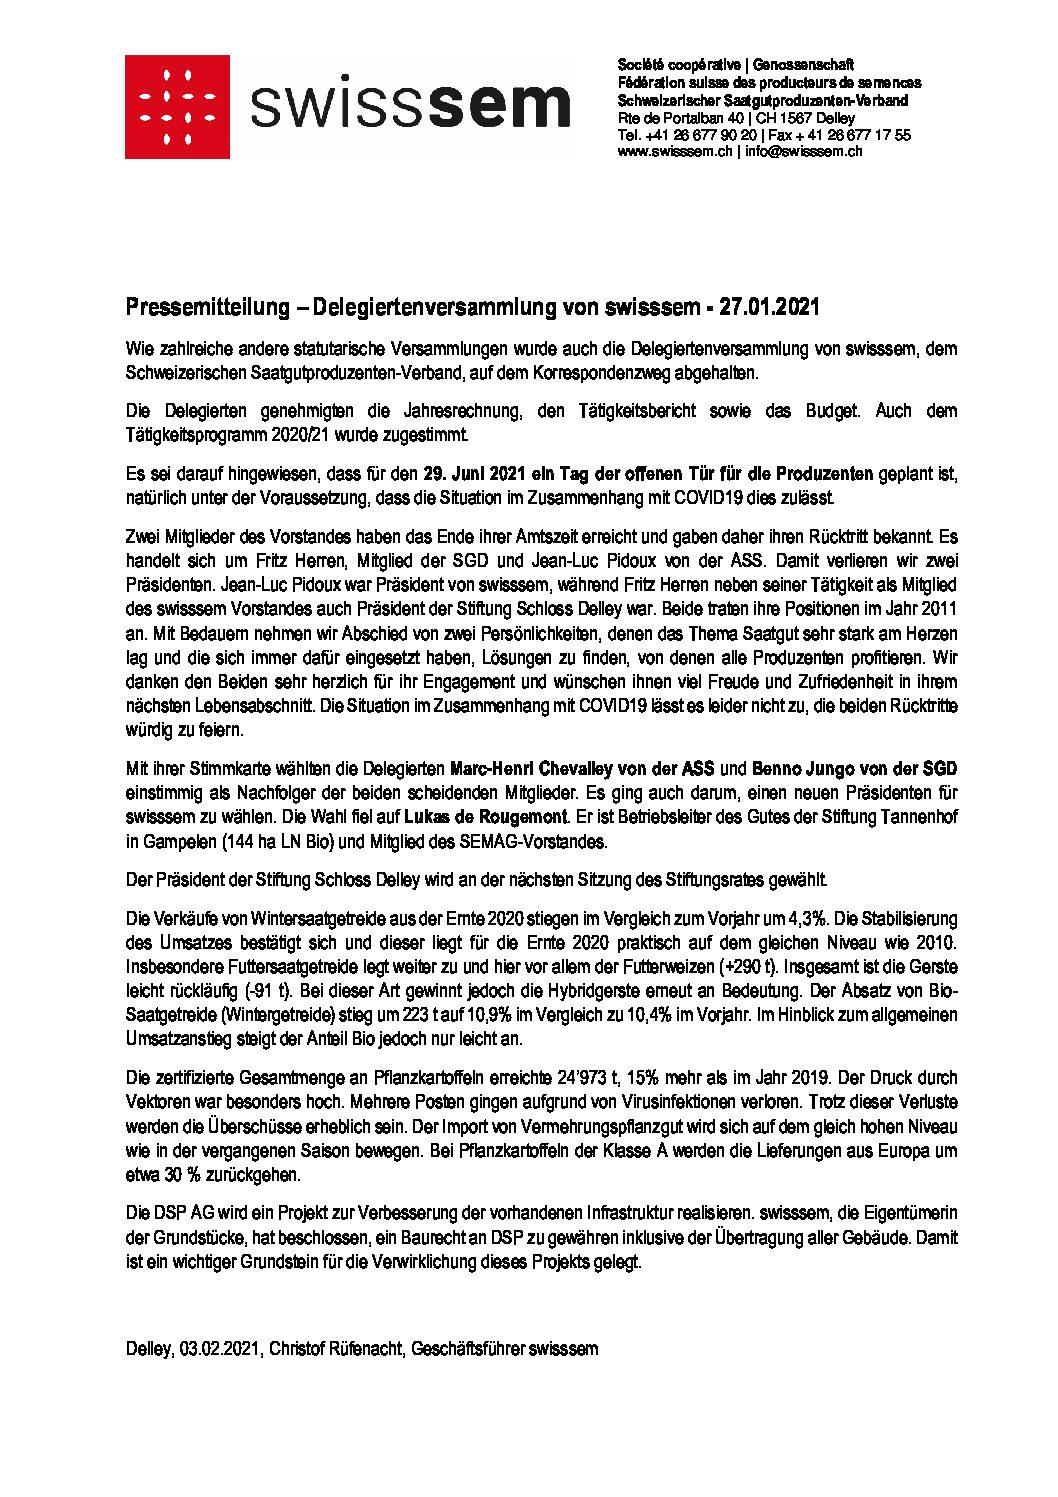 2021-02-03 - Pressemitteilung DV swisssem